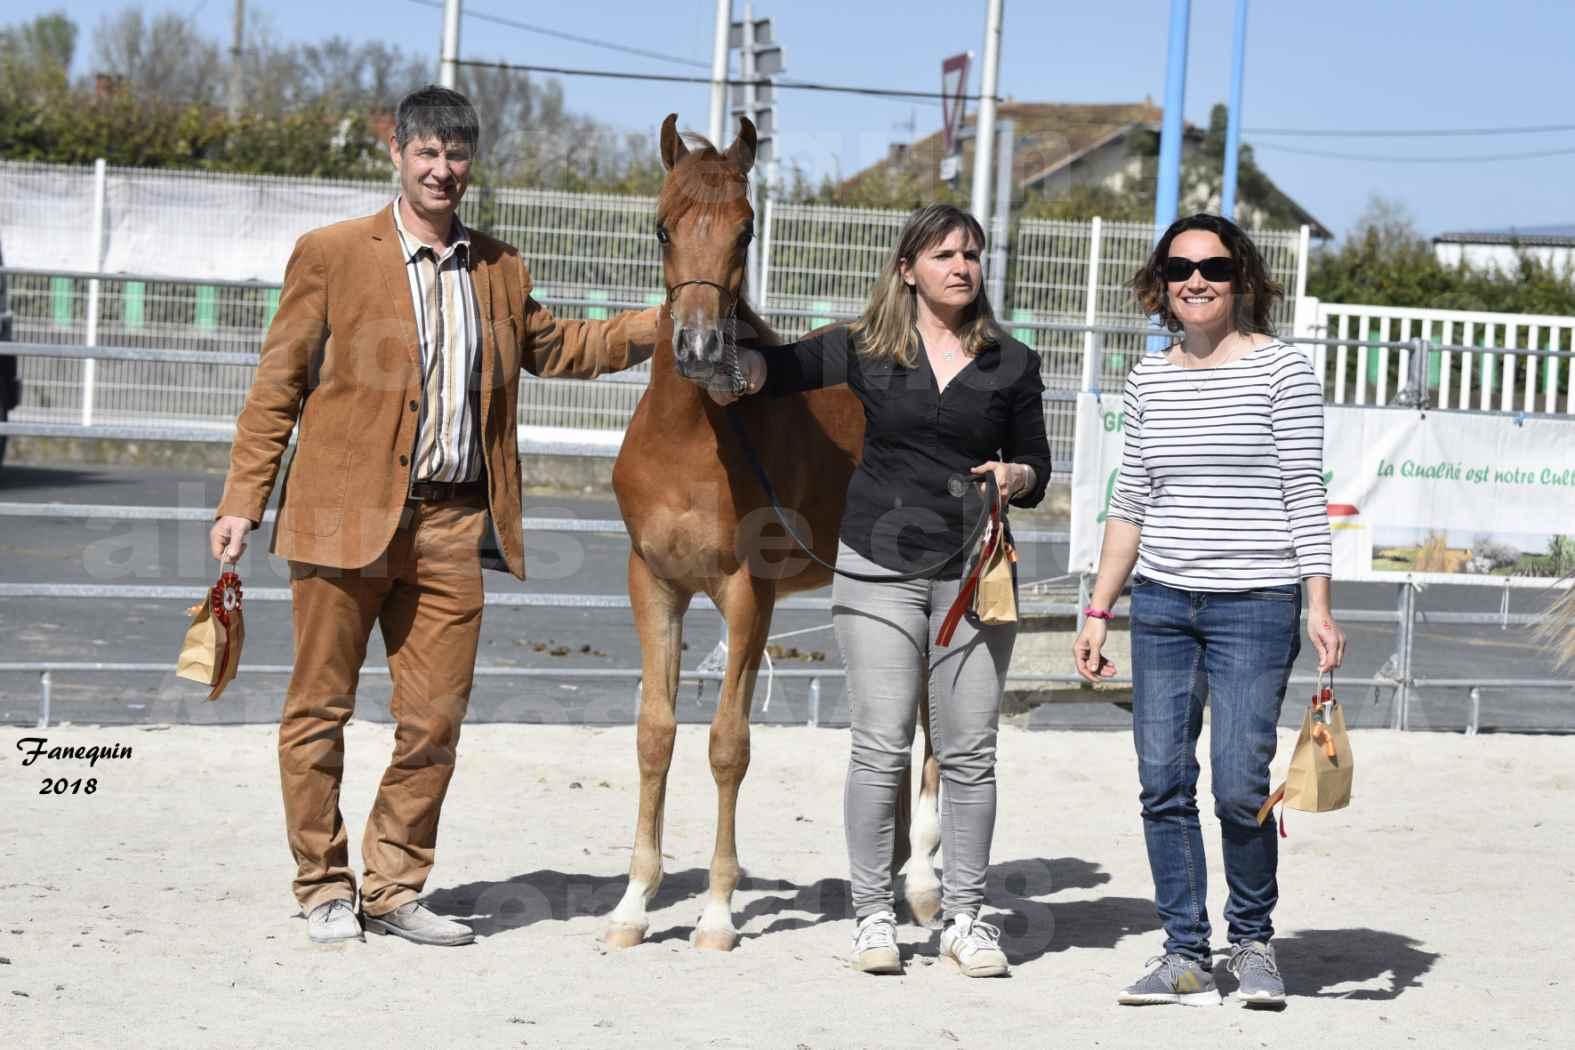 Concours d'élevage de Chevaux Arabes - D S A - A A - ALBI les 6 & 7 Avril 2018 - MARCUS DE LAFON - Notre Sélection - 6